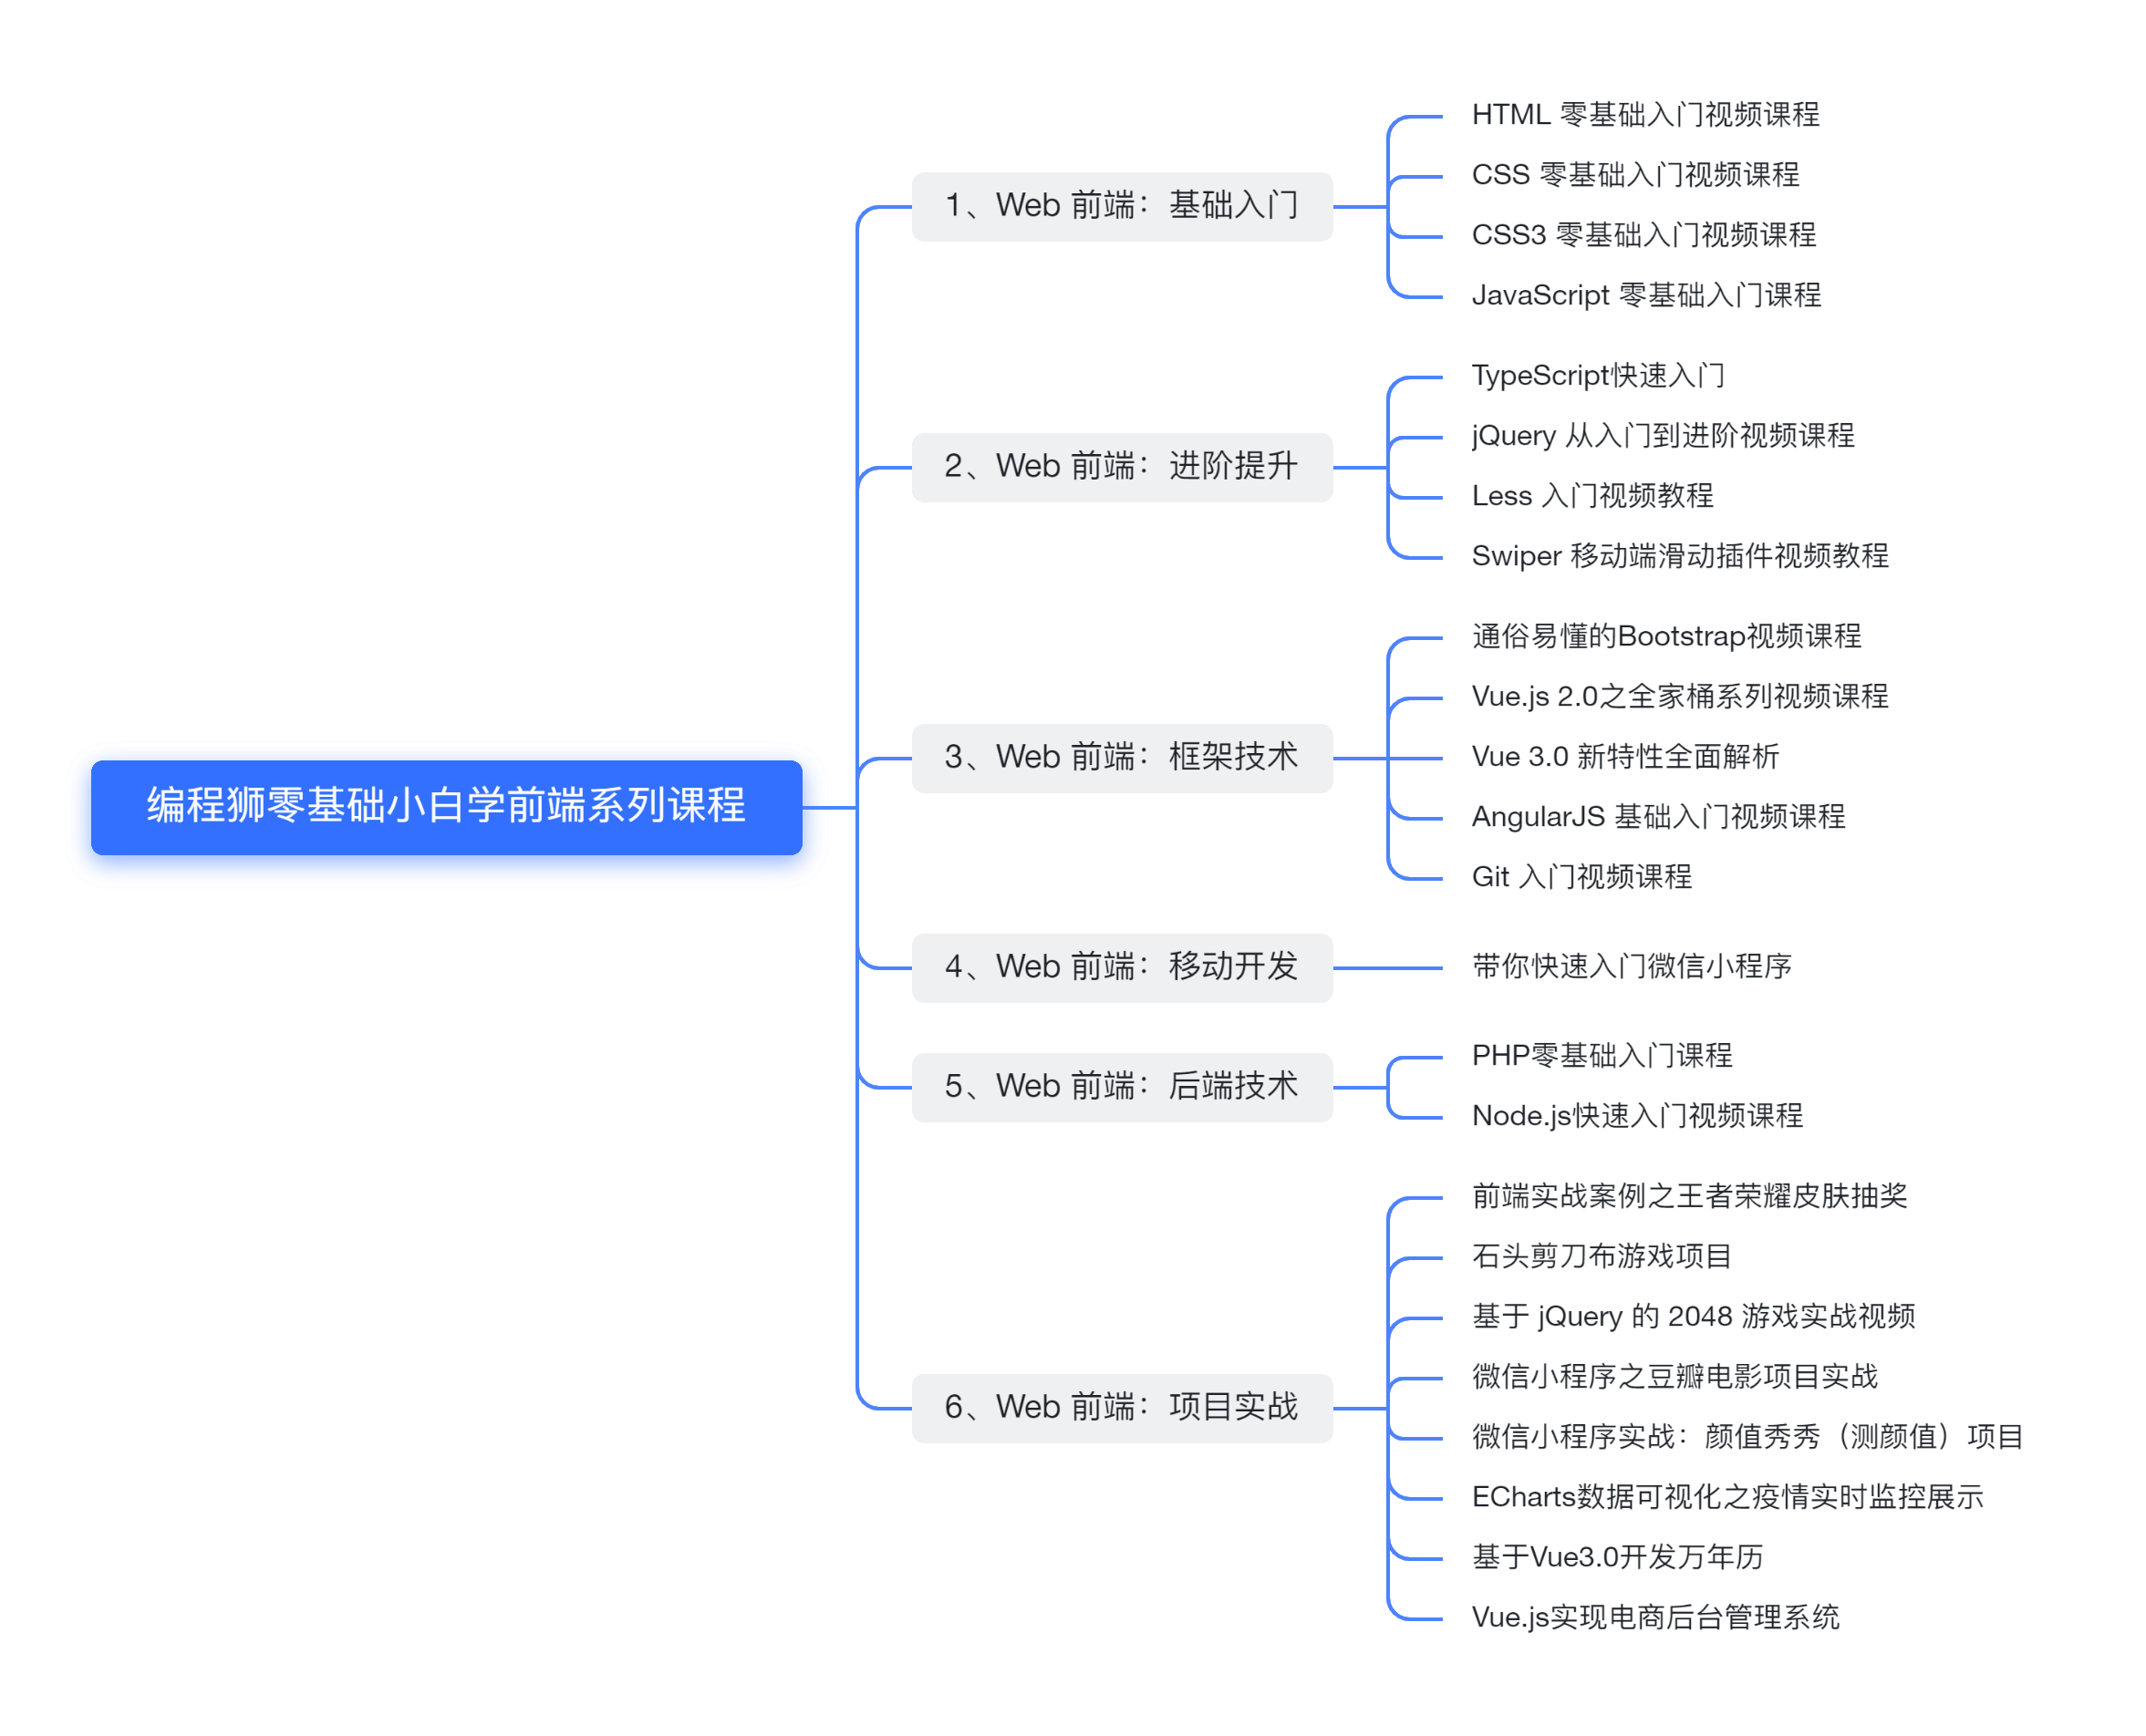 编程狮零基础小白学前端系列课程学习路径